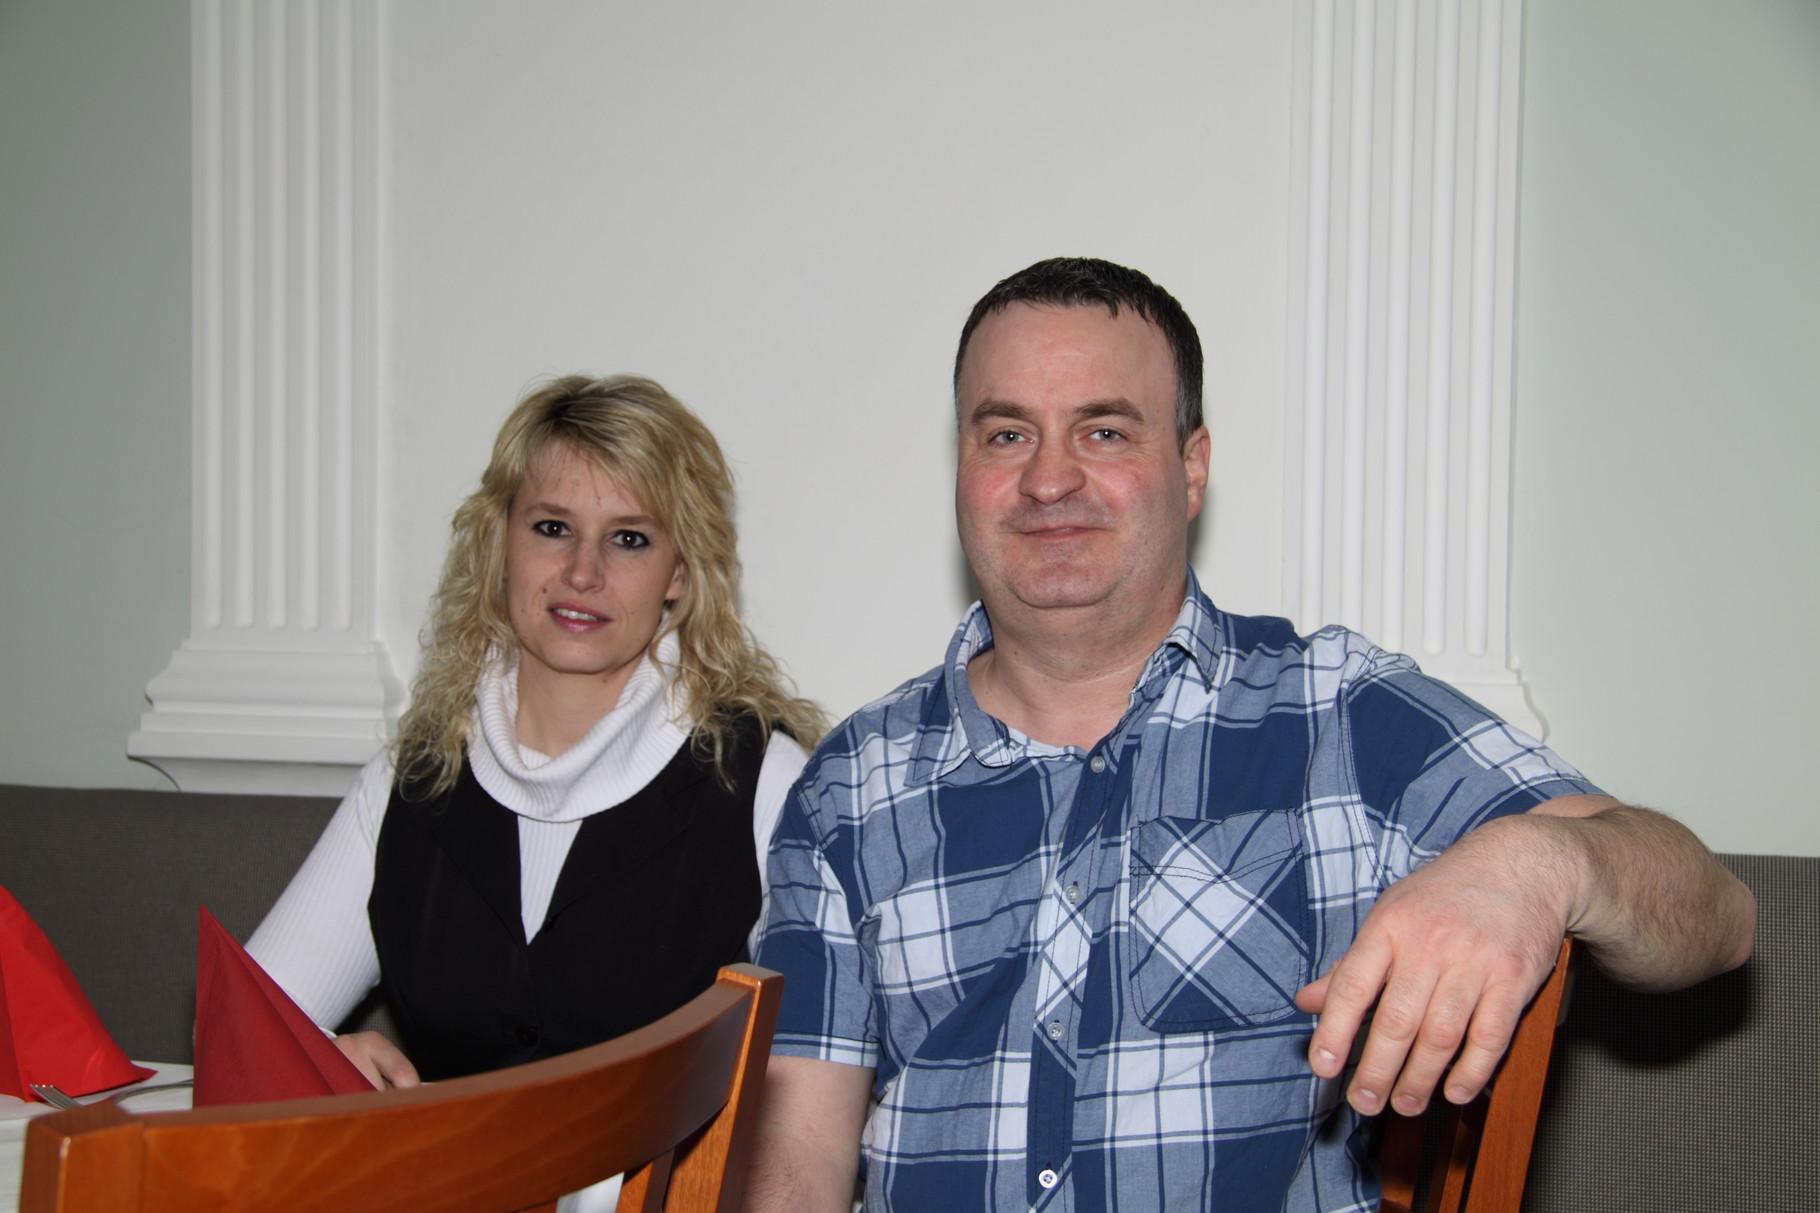 Mit dabei: Tanja und Maik Krause vom HaustierKontor ...